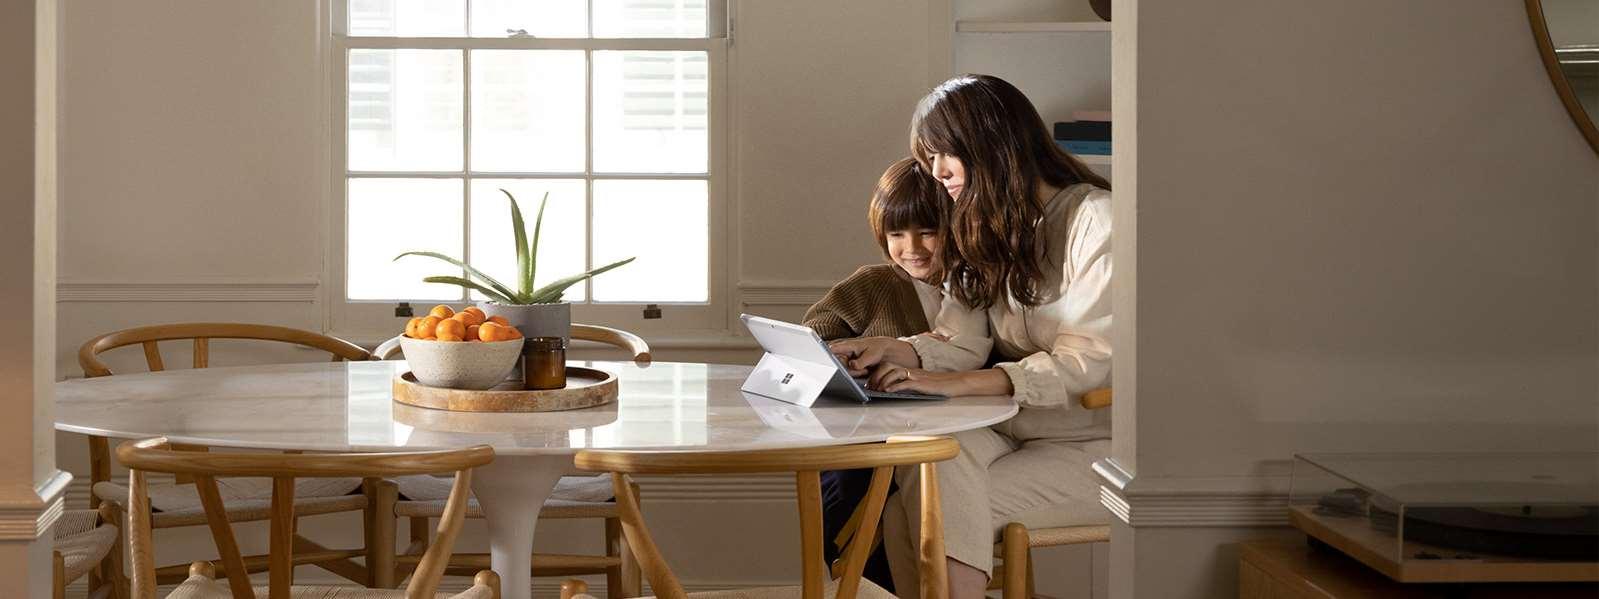 一位女性坐在餐桌旁,她的儿子在玩 Surface Go 2